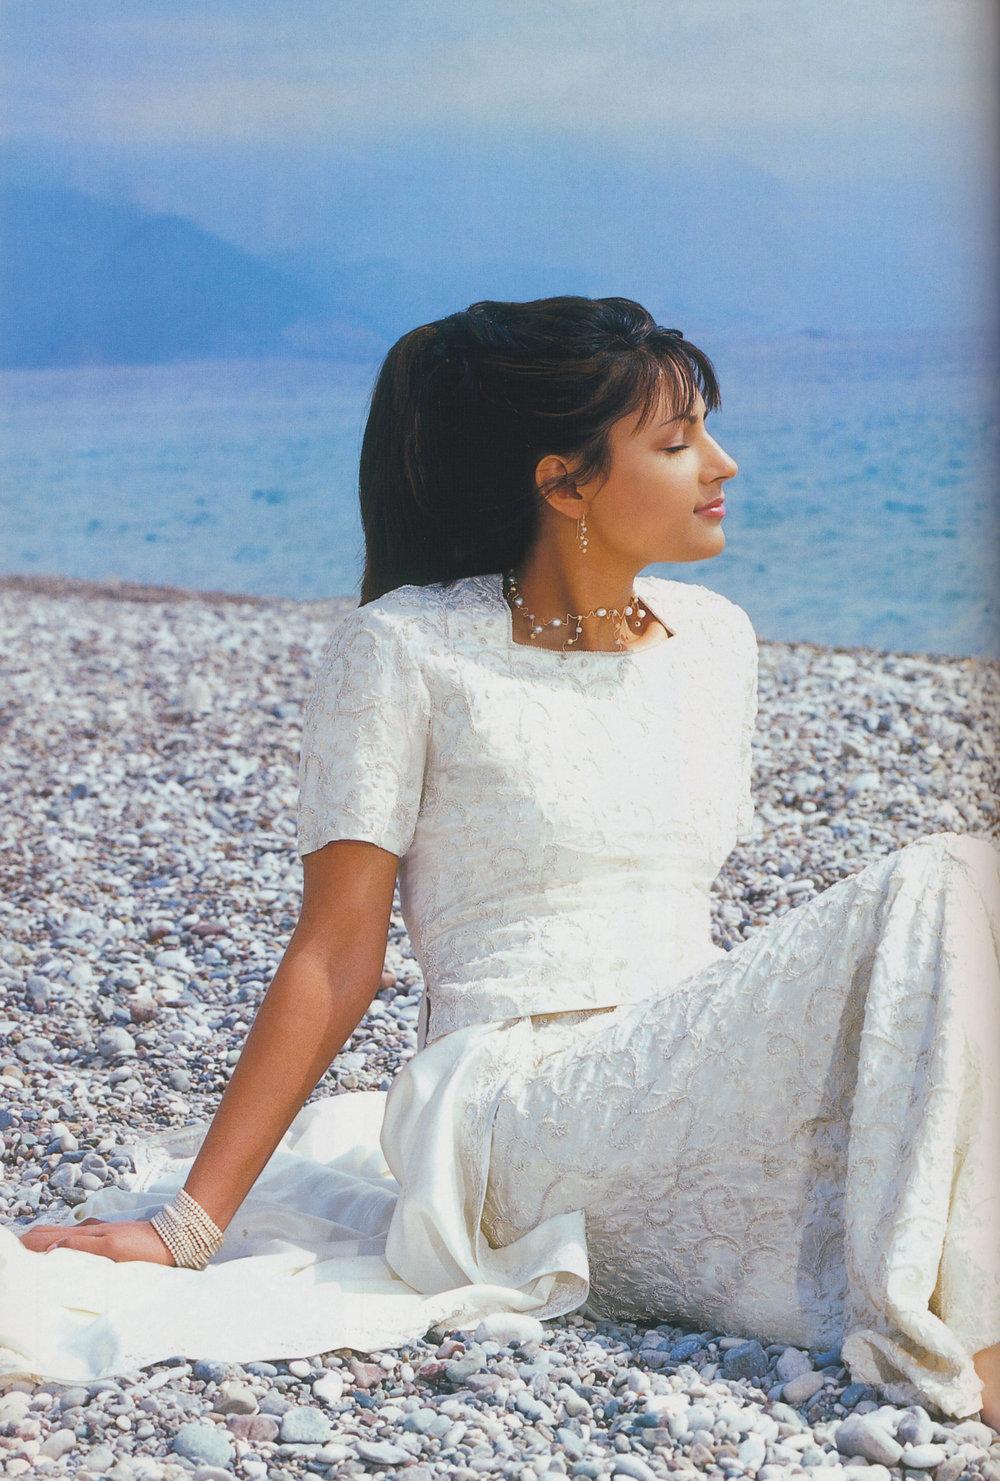 aruna_shields_beach_meditation.jpg